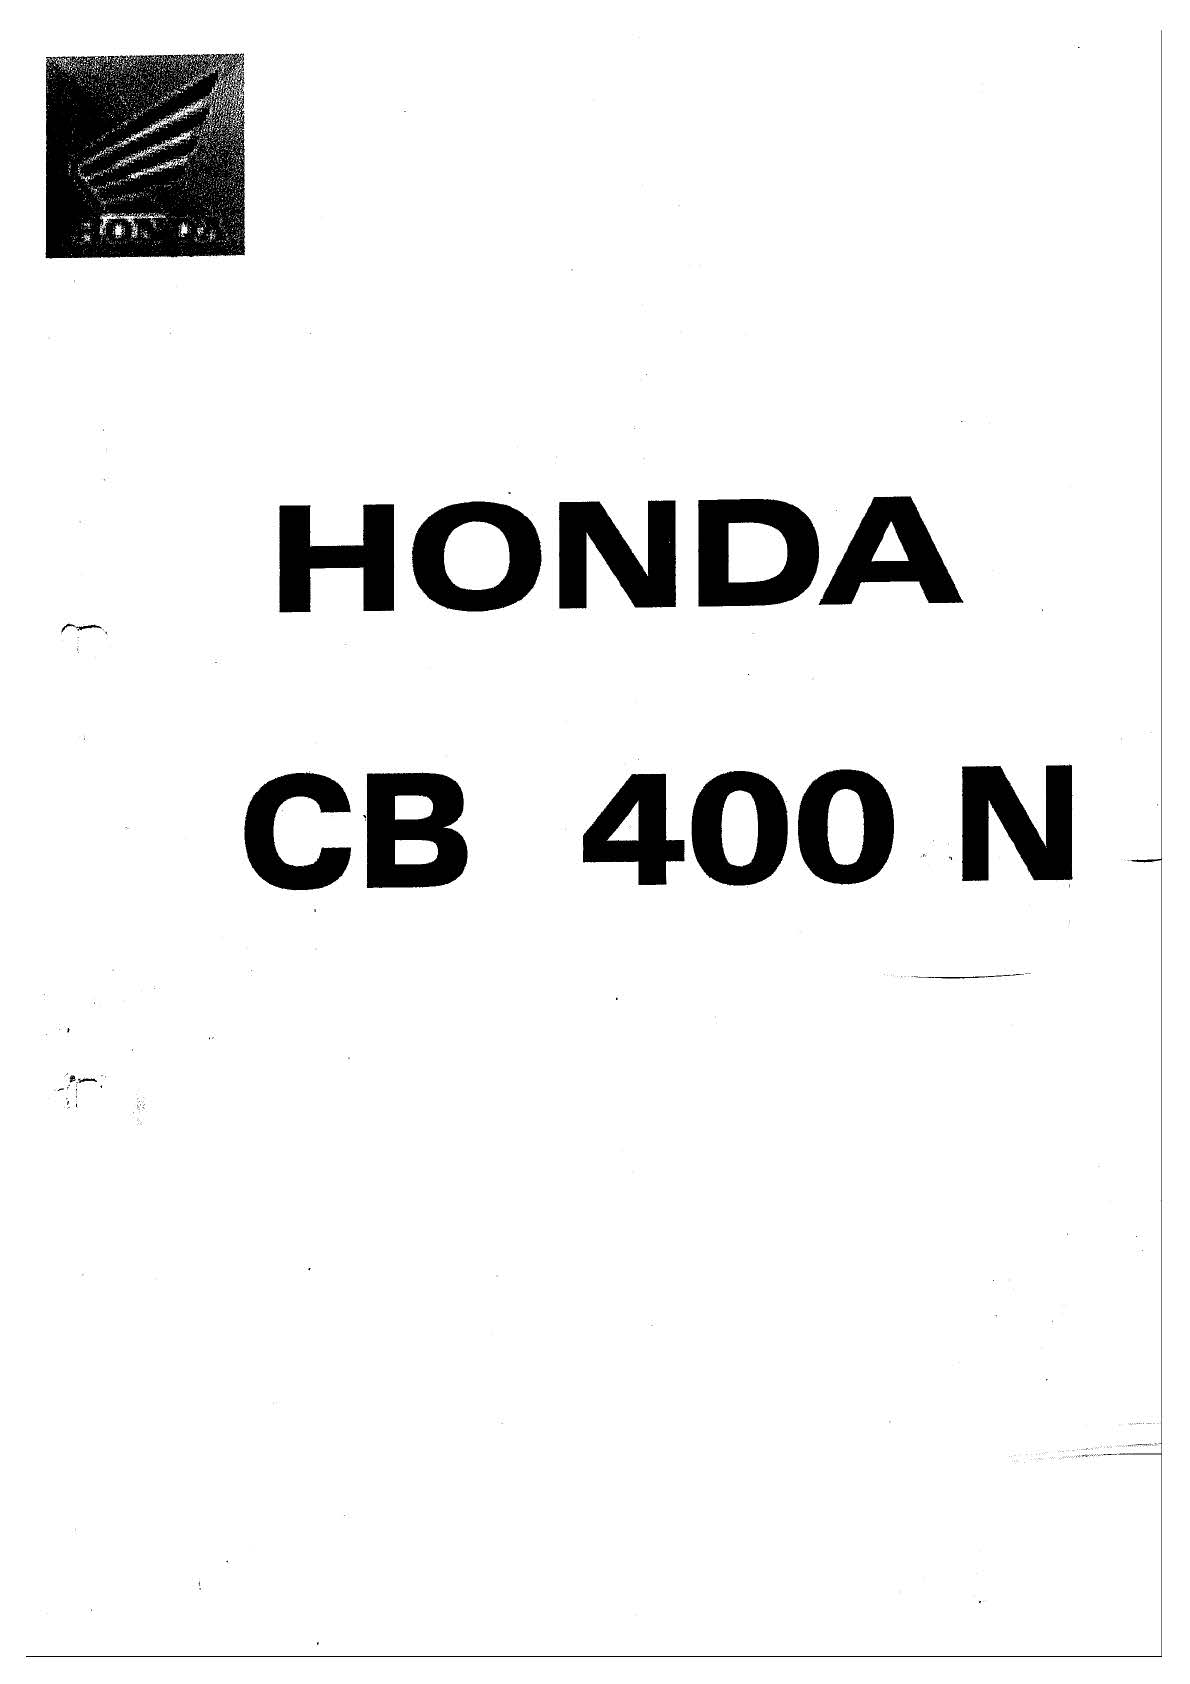 Workshop manual for Honda CB400N (German)